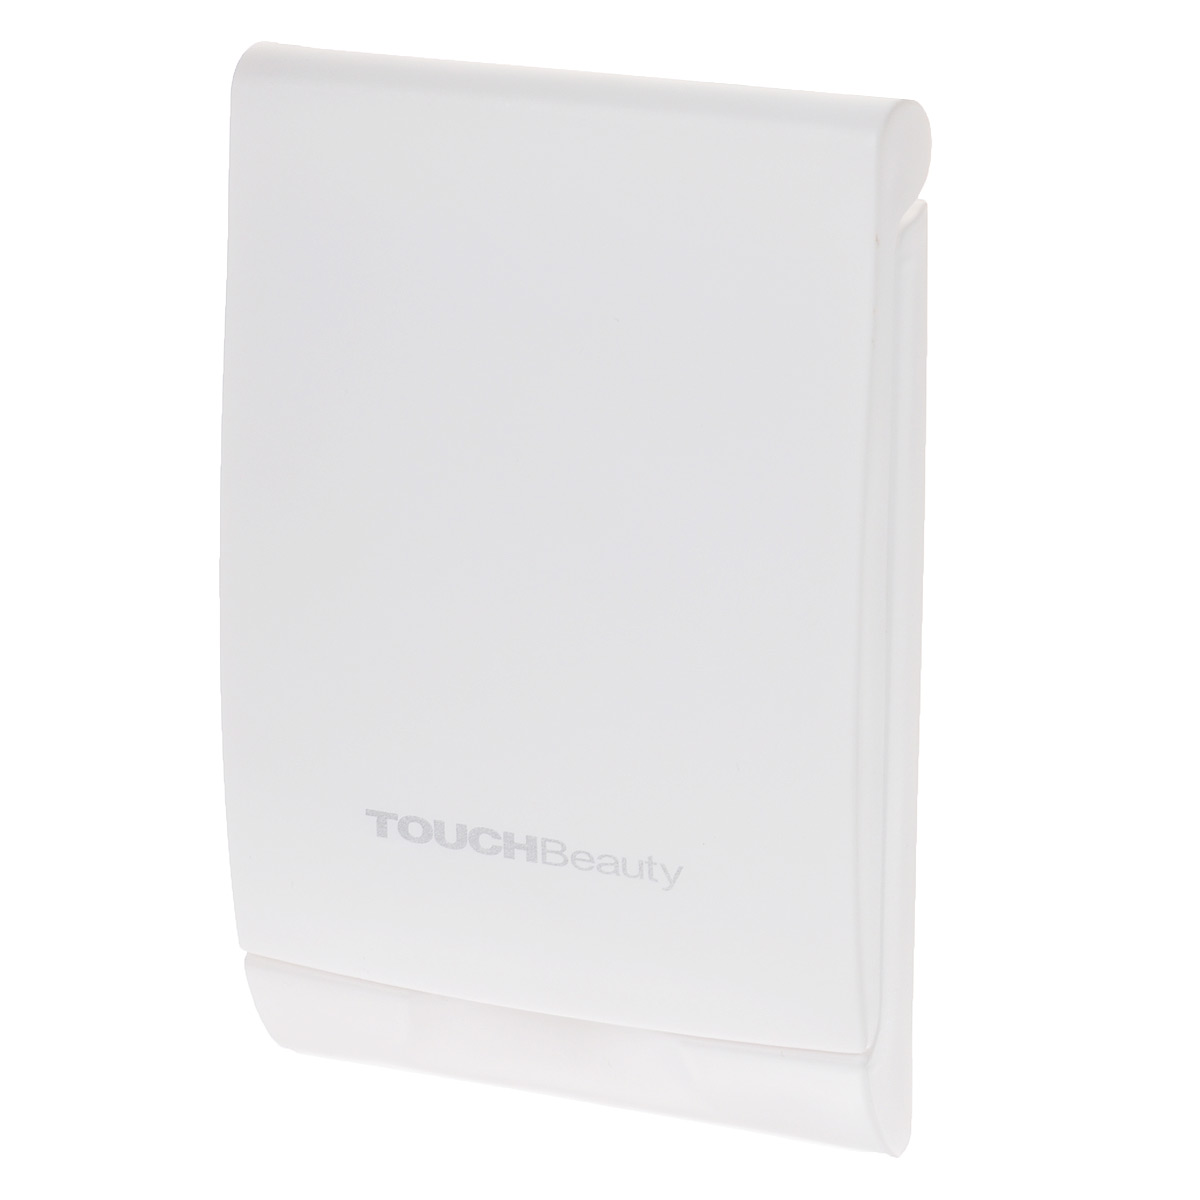 """Touchbeauty Компактное двойное зеркало, с подсветкой. AS-0508SC-FM20101Складное косметическое зеркало в пластиковом корпусе. Двукратное увеличение одной из сторон, сенсорная LED-подсветка. Ультратонкий стильный дизайн, стойкая к царапинам поверхность. Подсветка работает от 2 батареек типа """"CR2025"""" (входят в комплект).Товар сертифицирован."""